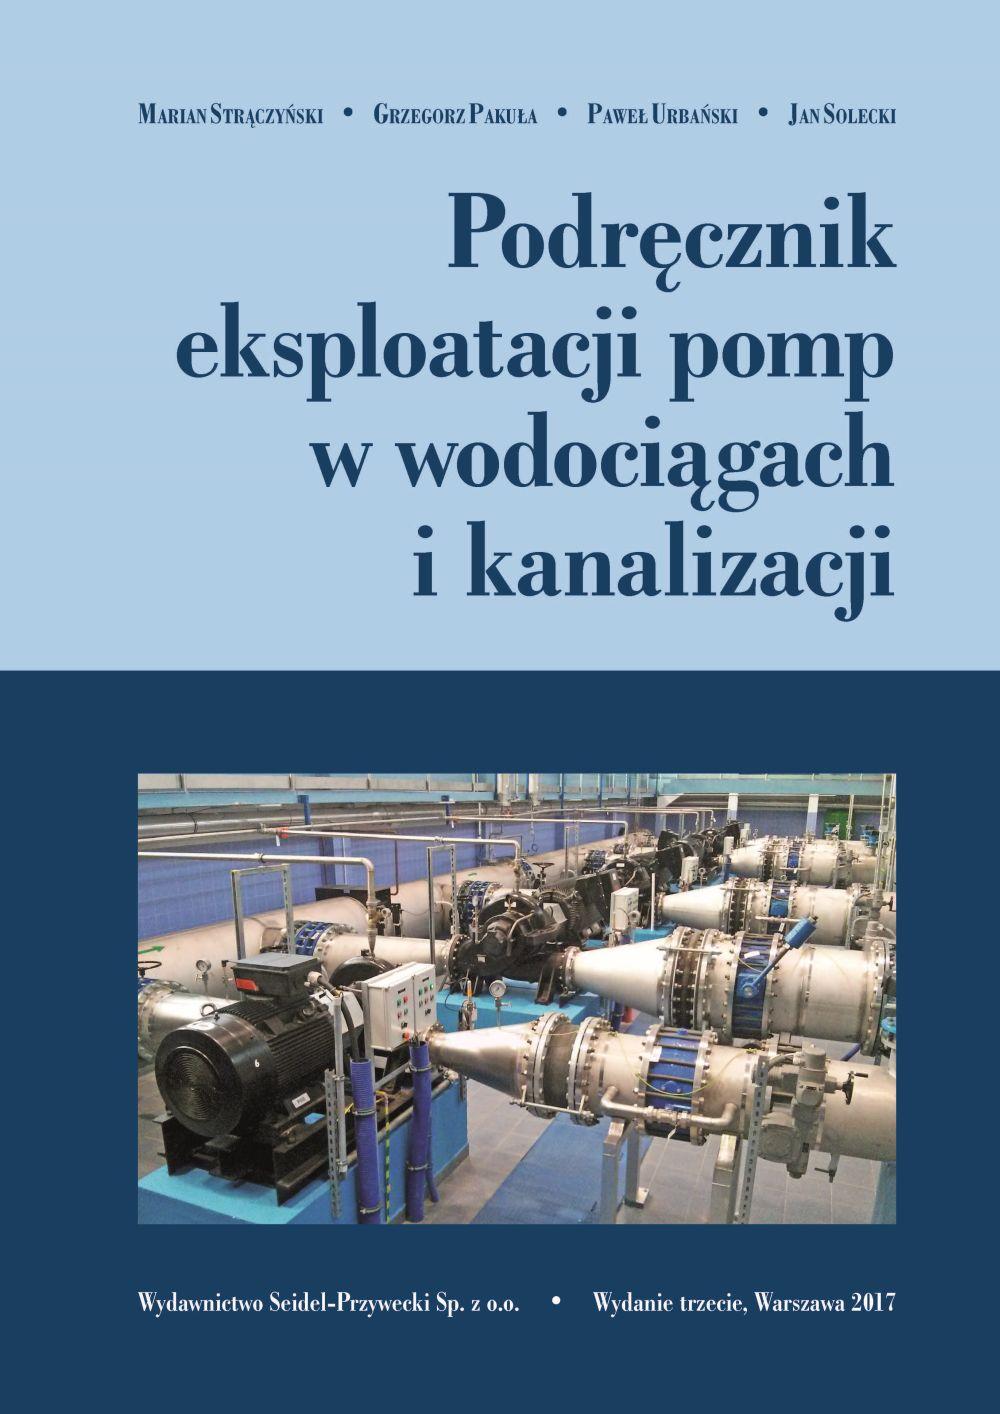 Podręcznik eksploatacji pomp w wodociągach i kanalizacji. wyd 2